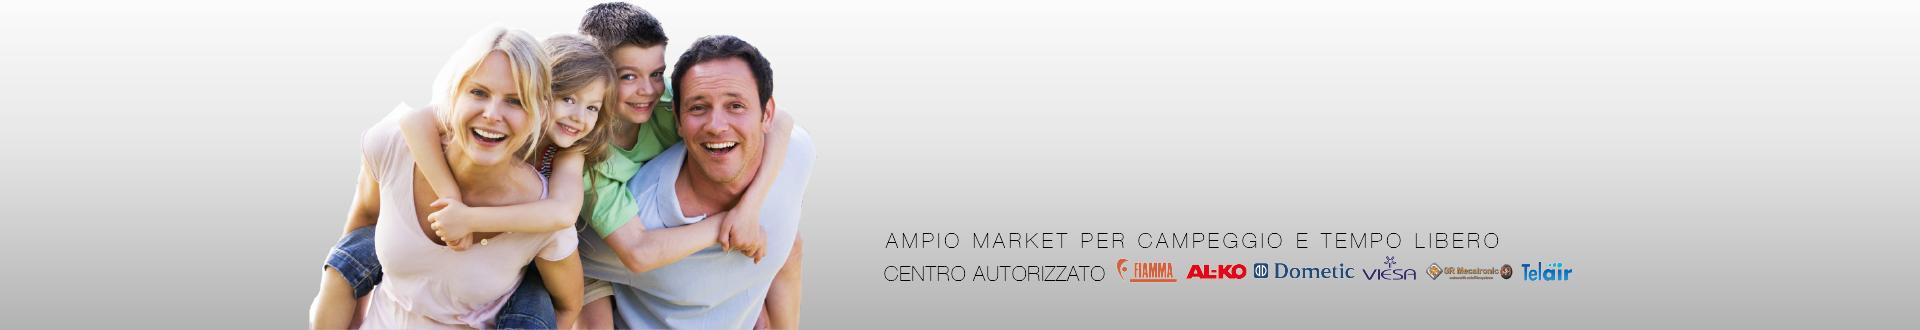 market-per-campeggio-centro-autorizzato-dometc-mecatronic-camping-levante-viesa-1